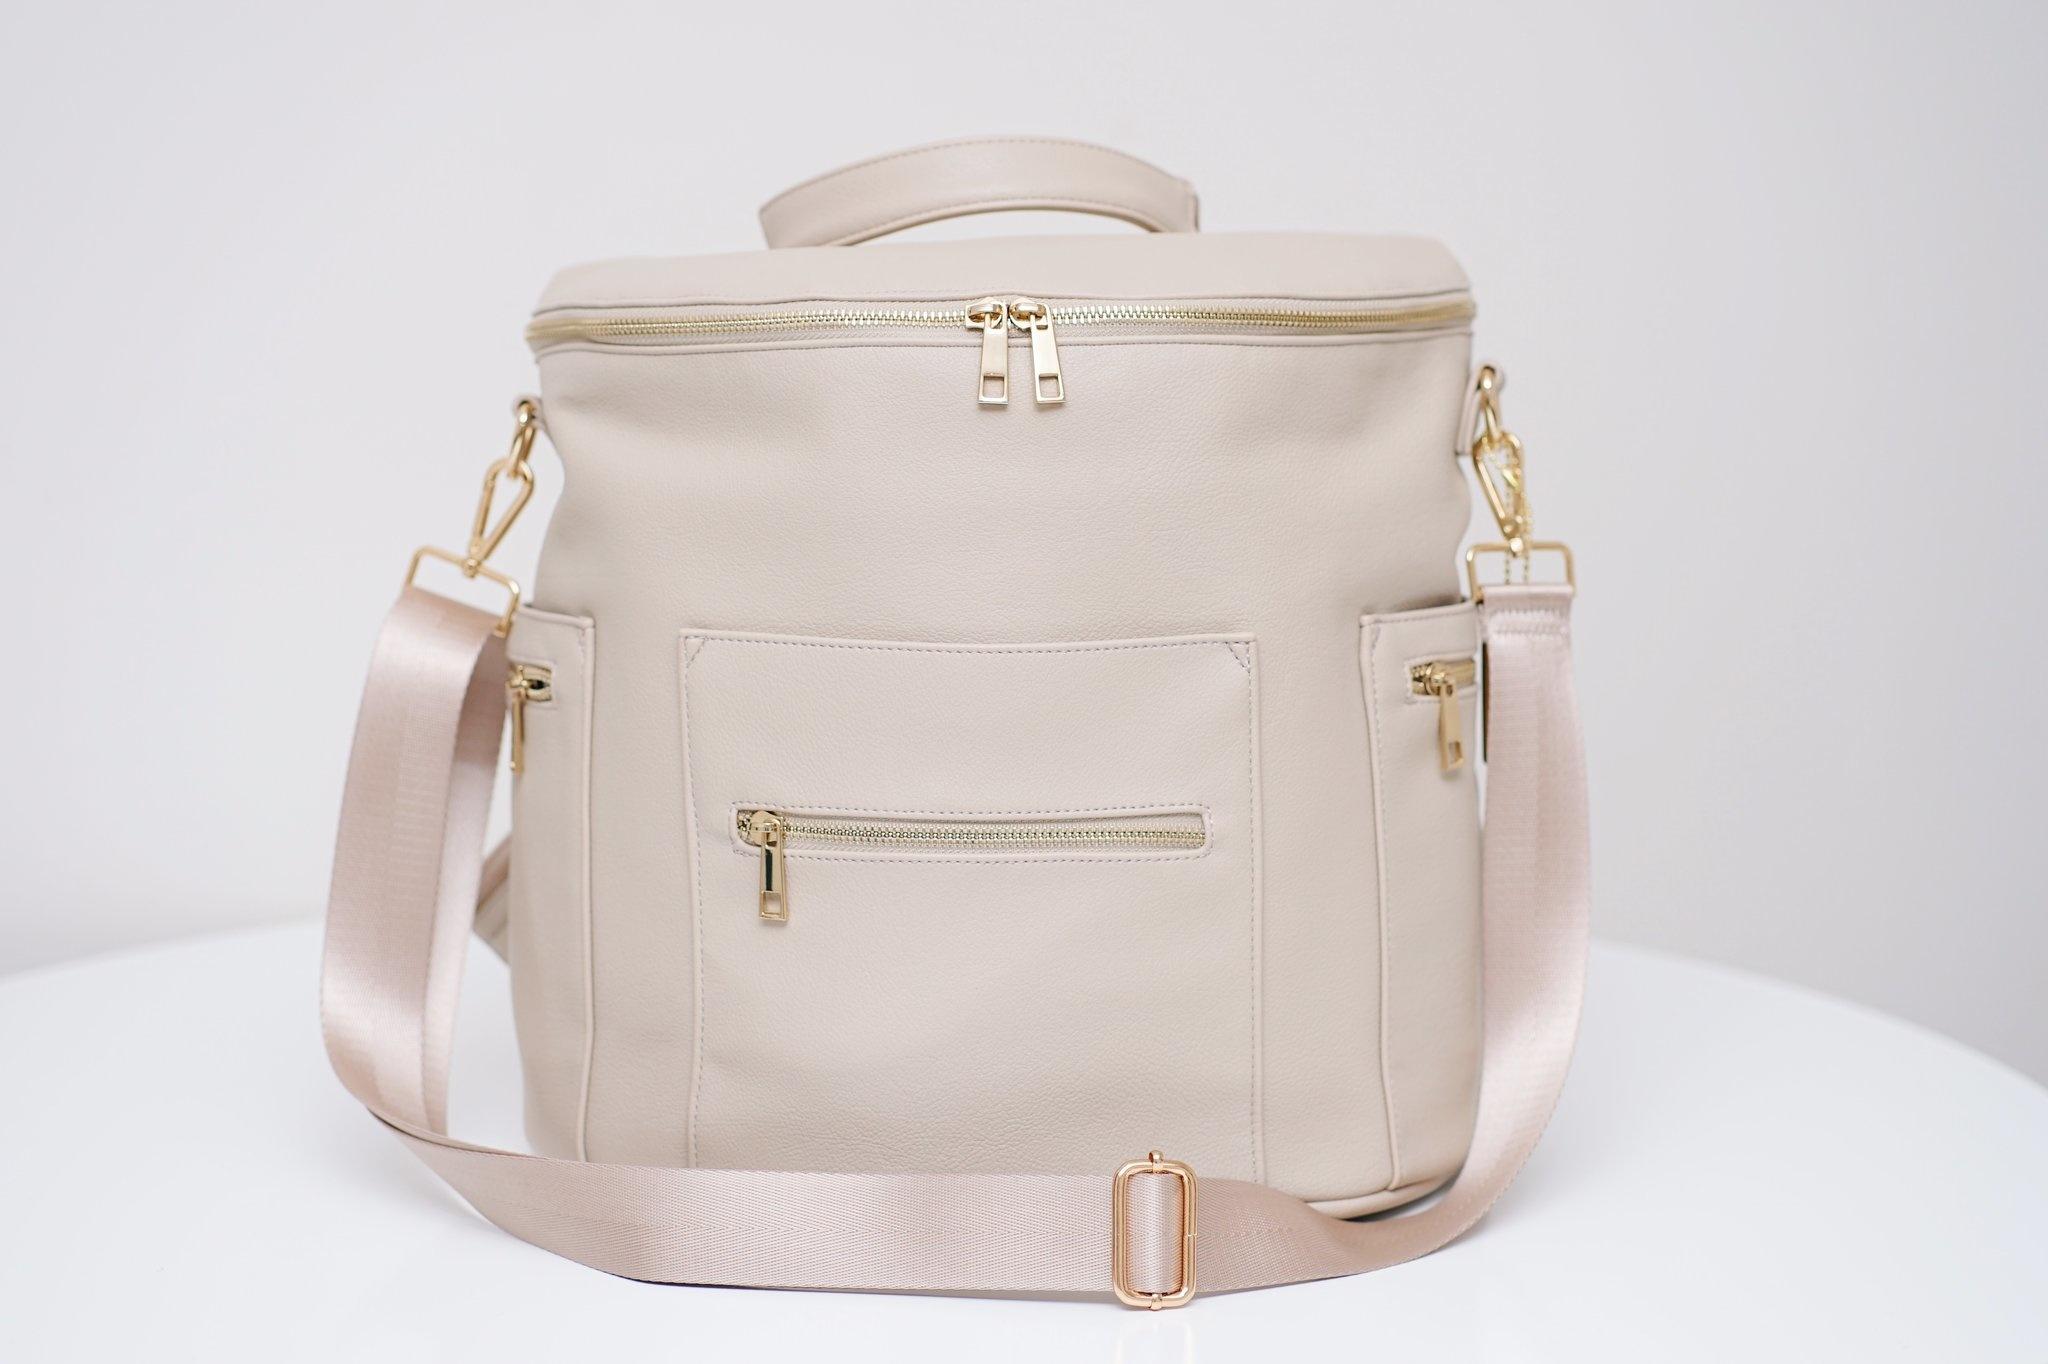 De Luxe & Co. Diaper/Anytime Bag Grey